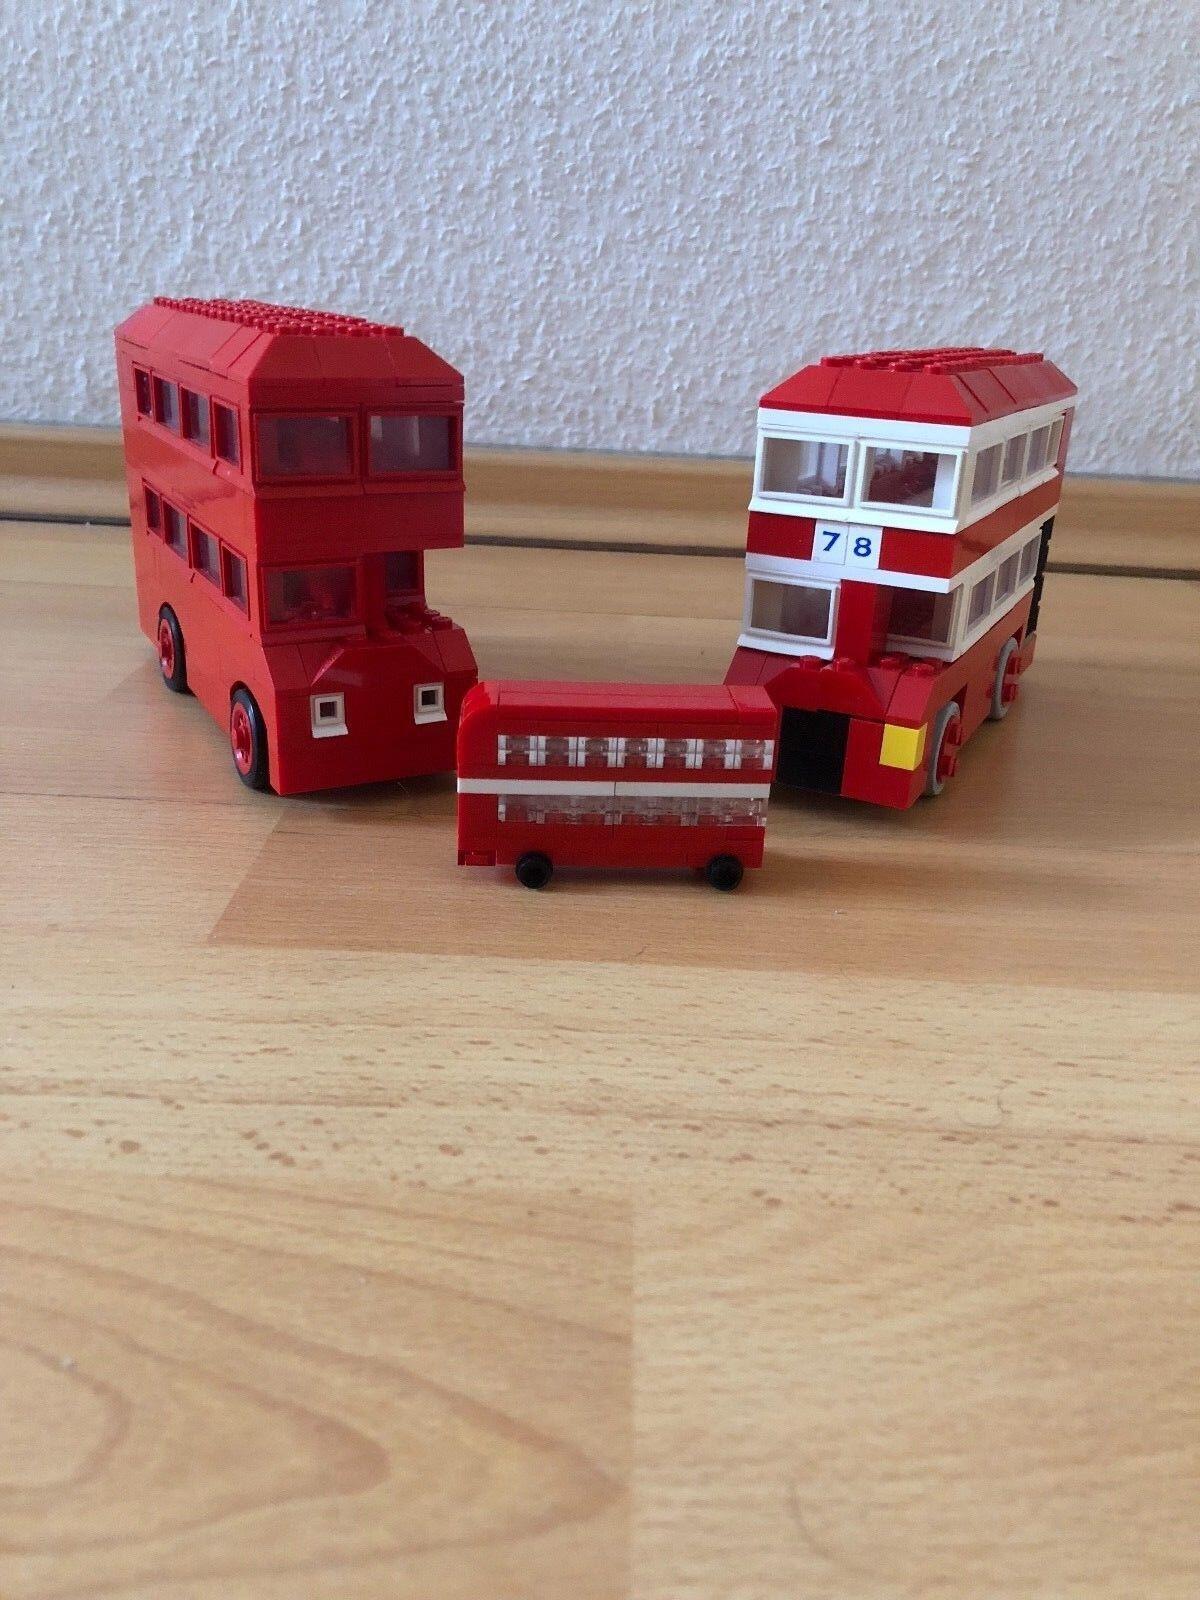 Lego London London London Bus collection 10258 40220 760 313 Tower Bridge ca35d5